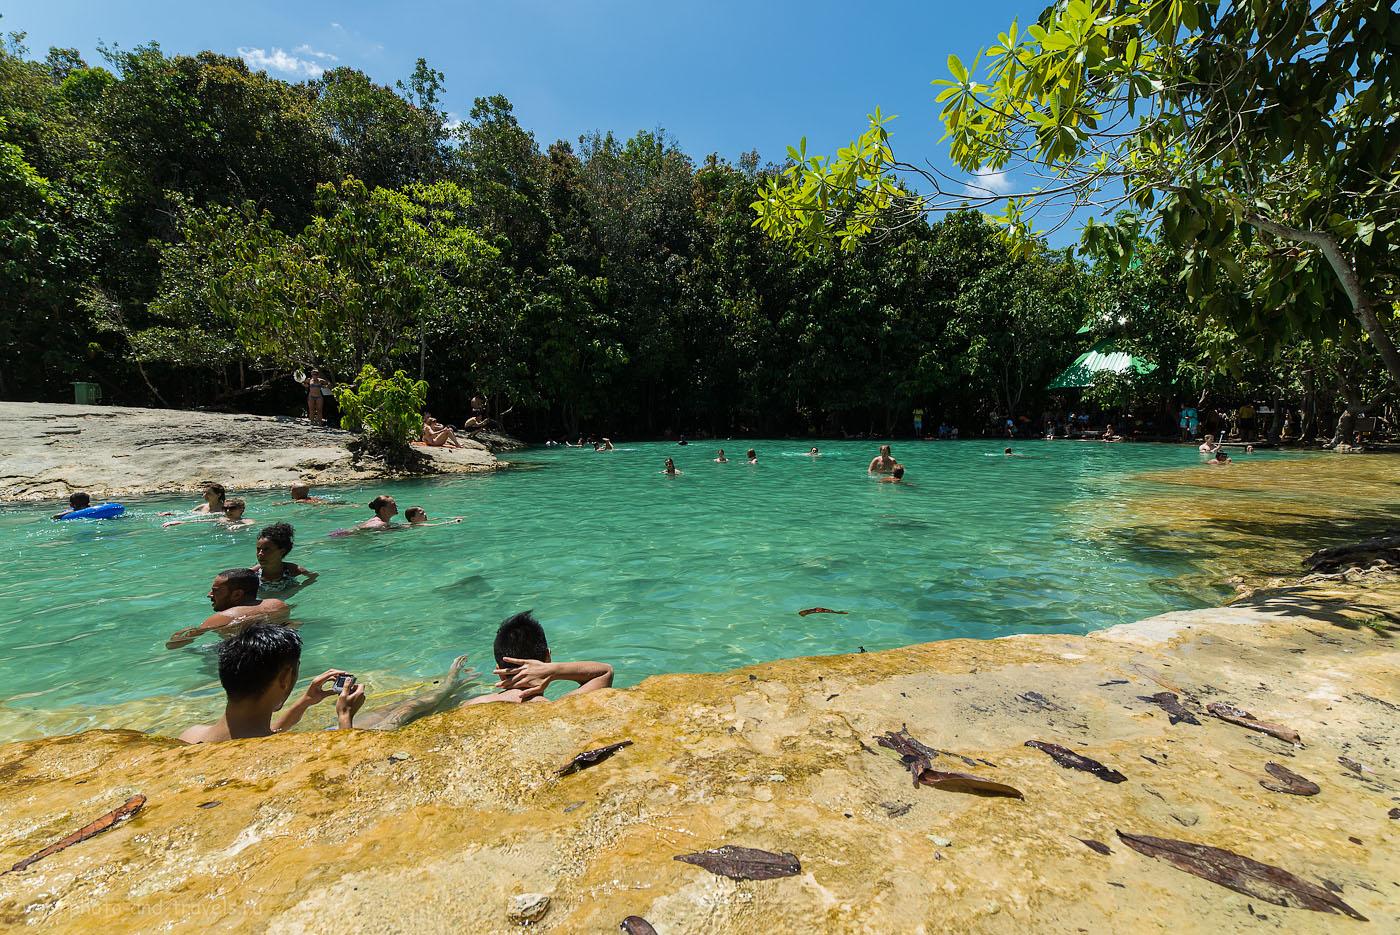 Фотография 22. Скоро здесь будет еще больше купальщиков. Приезжайте к Emerald Pool пораньше. Рассказ о путешествии по Таиланду самостоятельно. (100, 14, 9.0, 1/250)